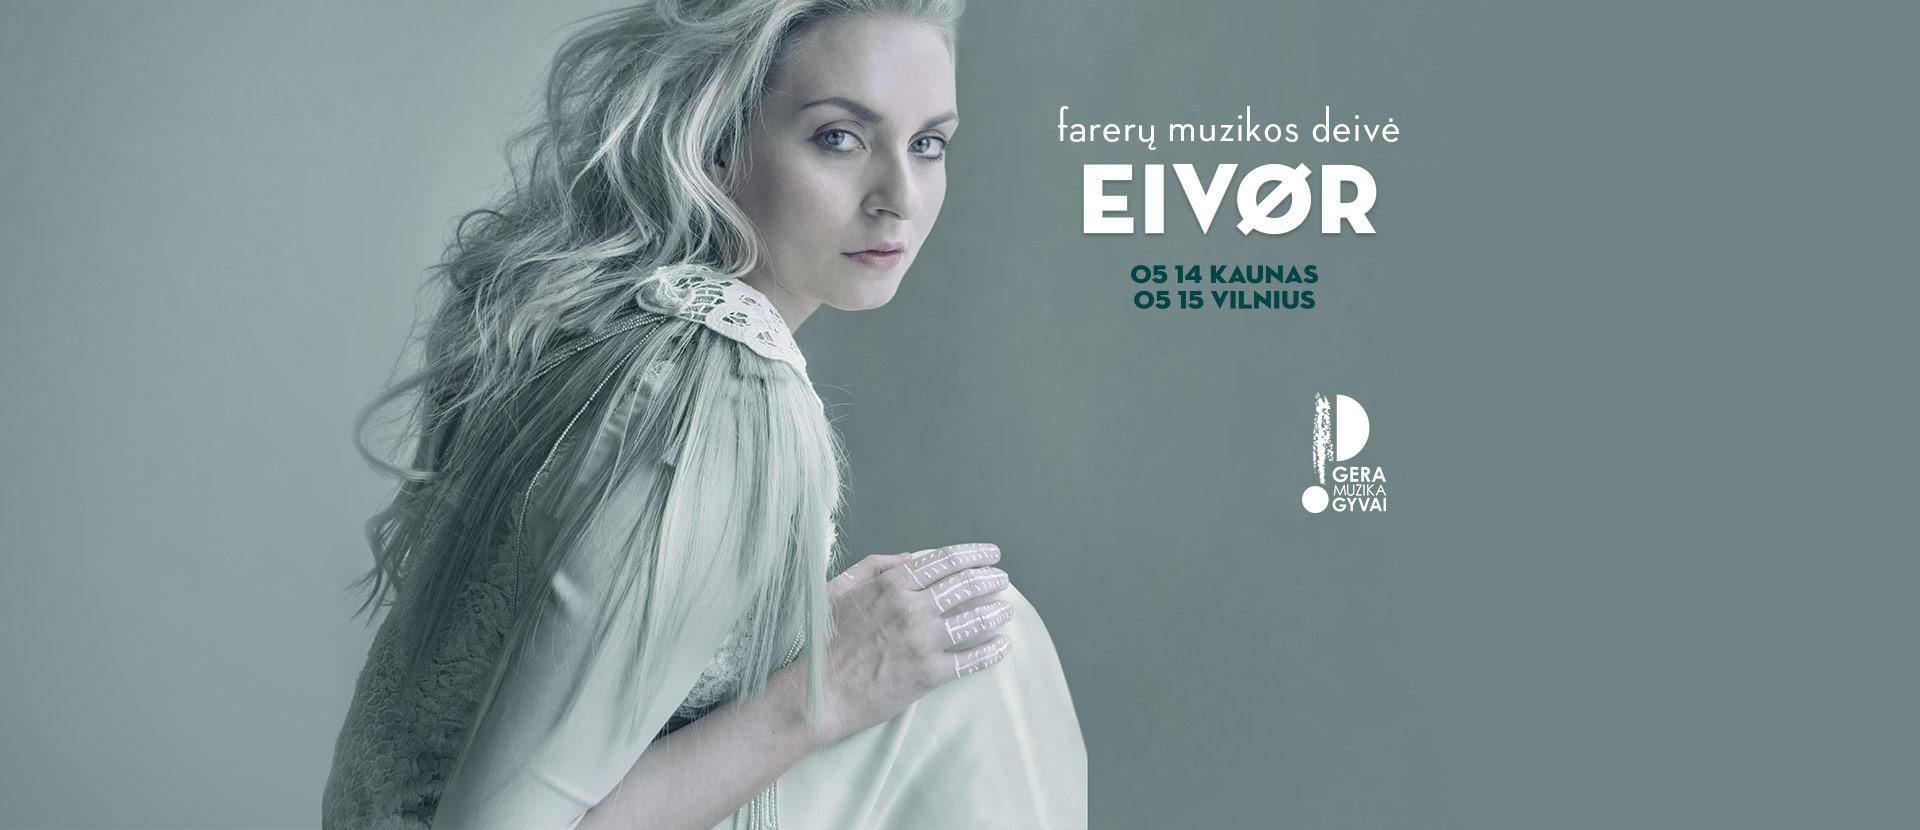 Eivor - Farerų muzikos deivė